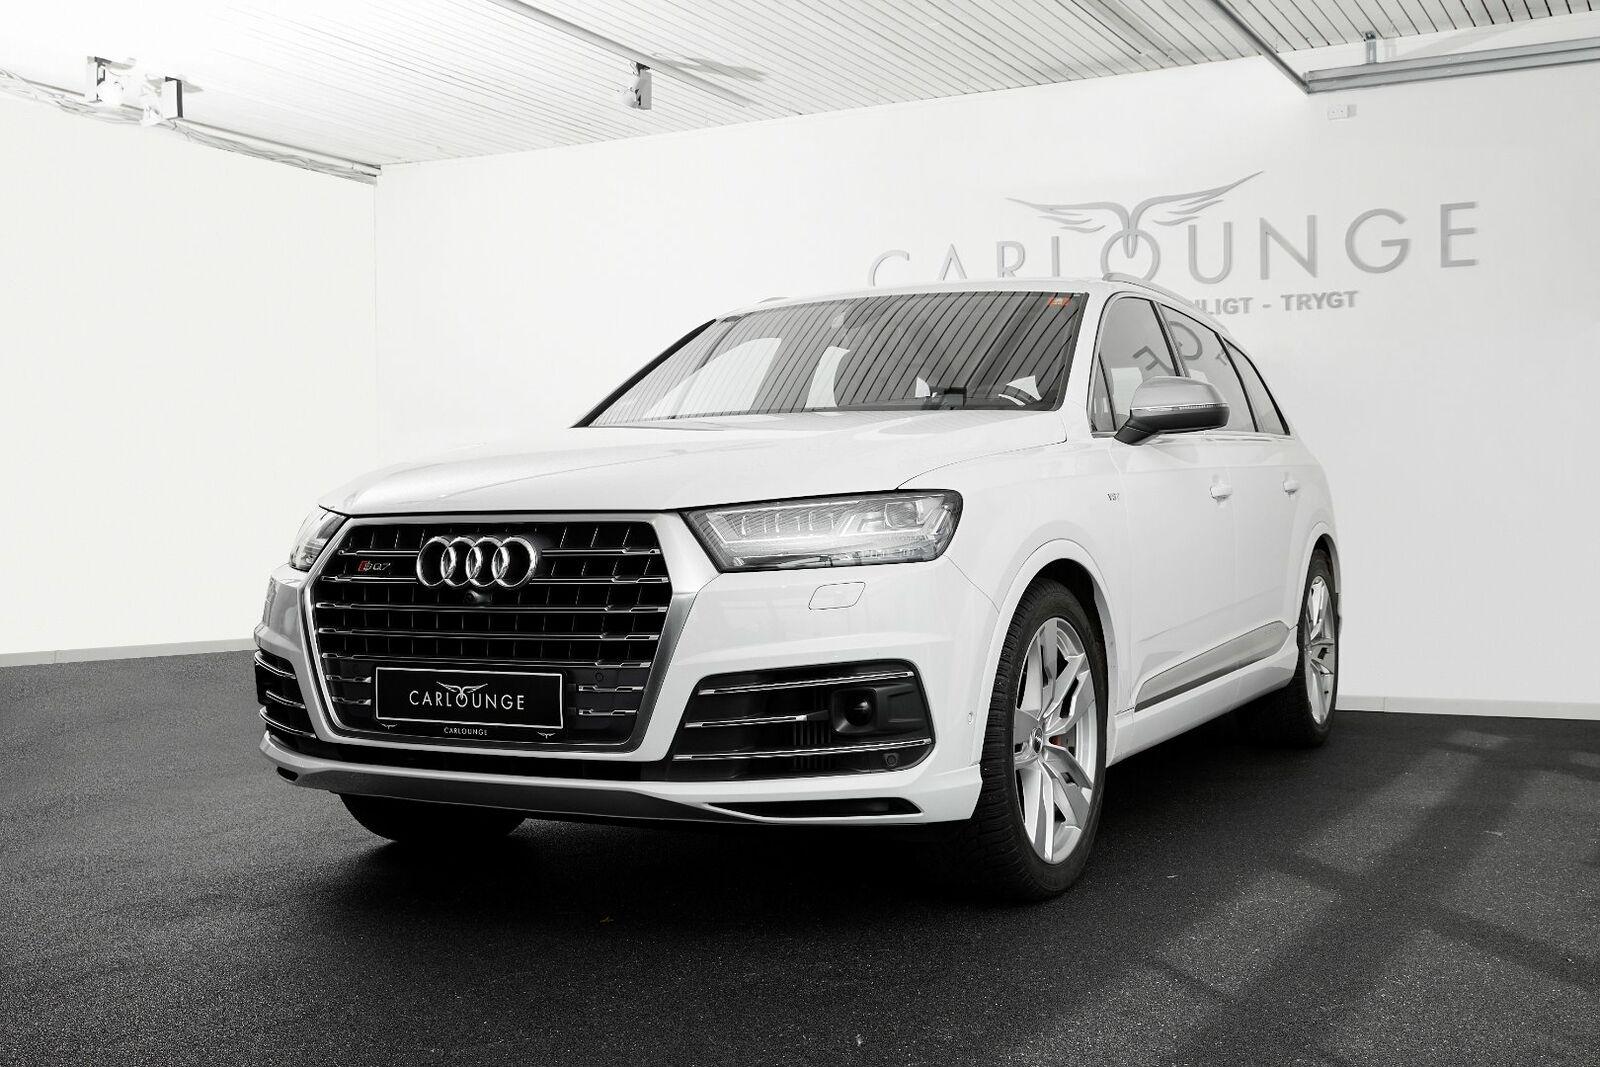 Audi SQ7 4,0 TDi quattro Tiptr. 5d - 5.929 kr.